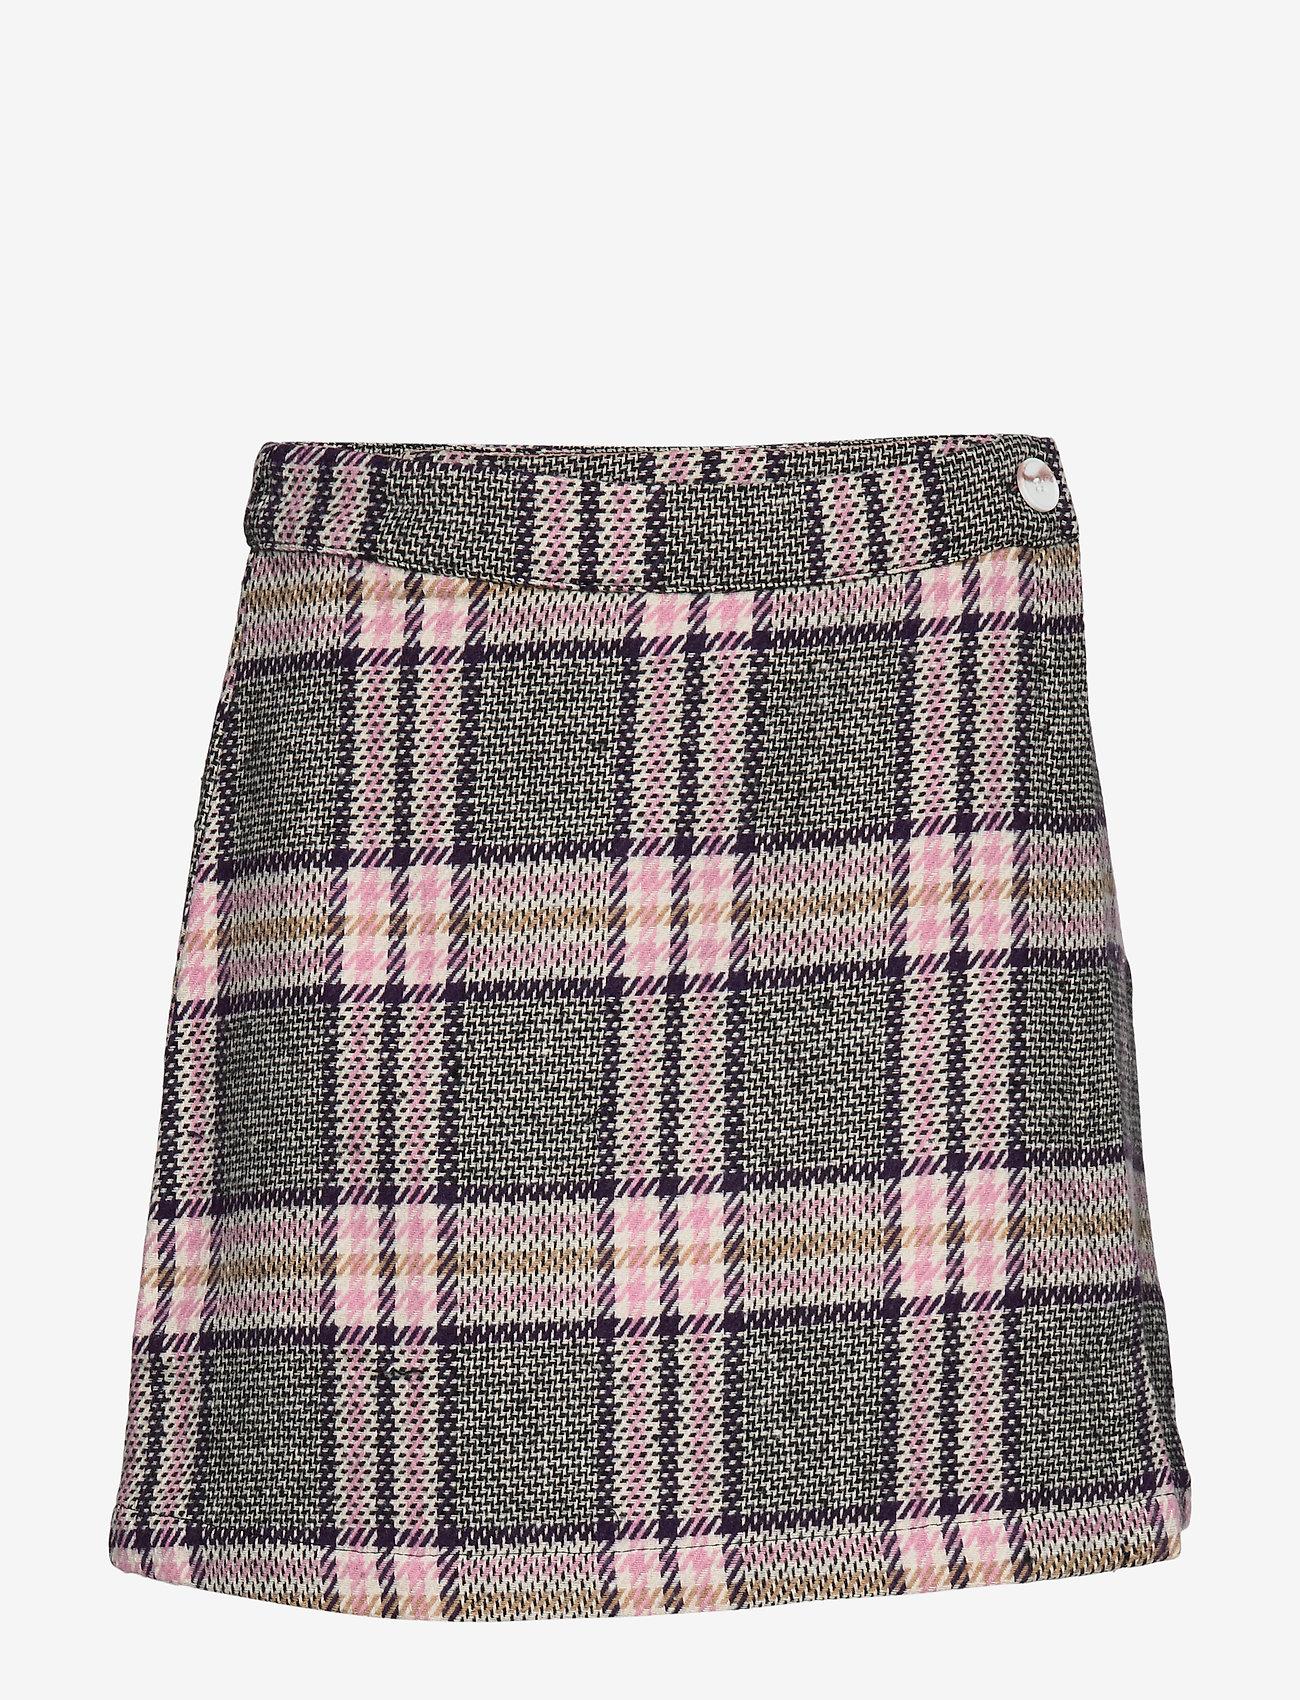 Enatwood Skirt 6677 (Power Check) (375 kr) - Envii